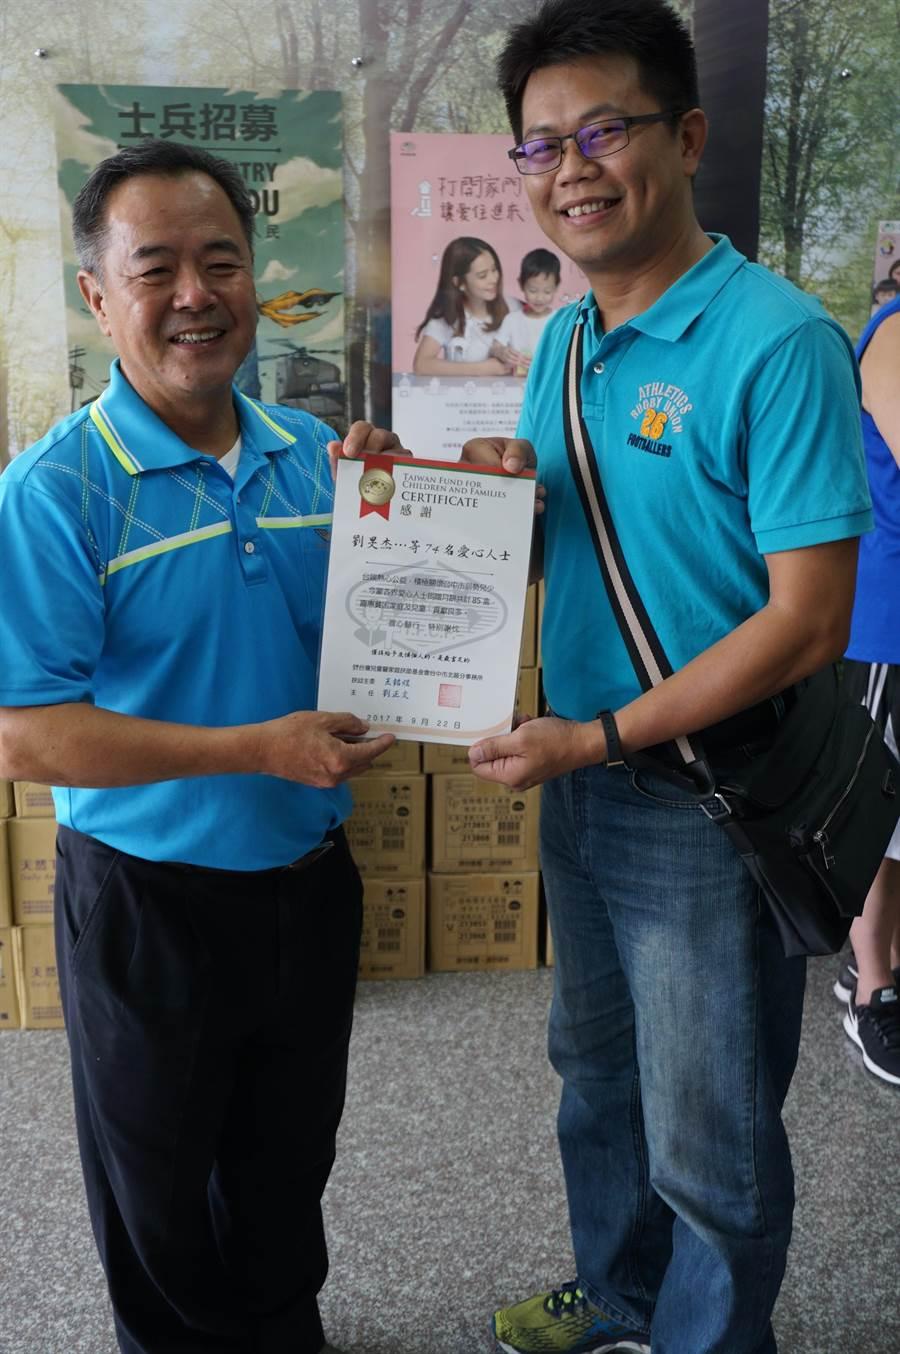 矽品員工劉旻杰(右)發動同事、親友捐贈愛心月餅,台中市北區家扶中心主任劉正文(左)回頒感謝狀致謝。(王文吉攝)